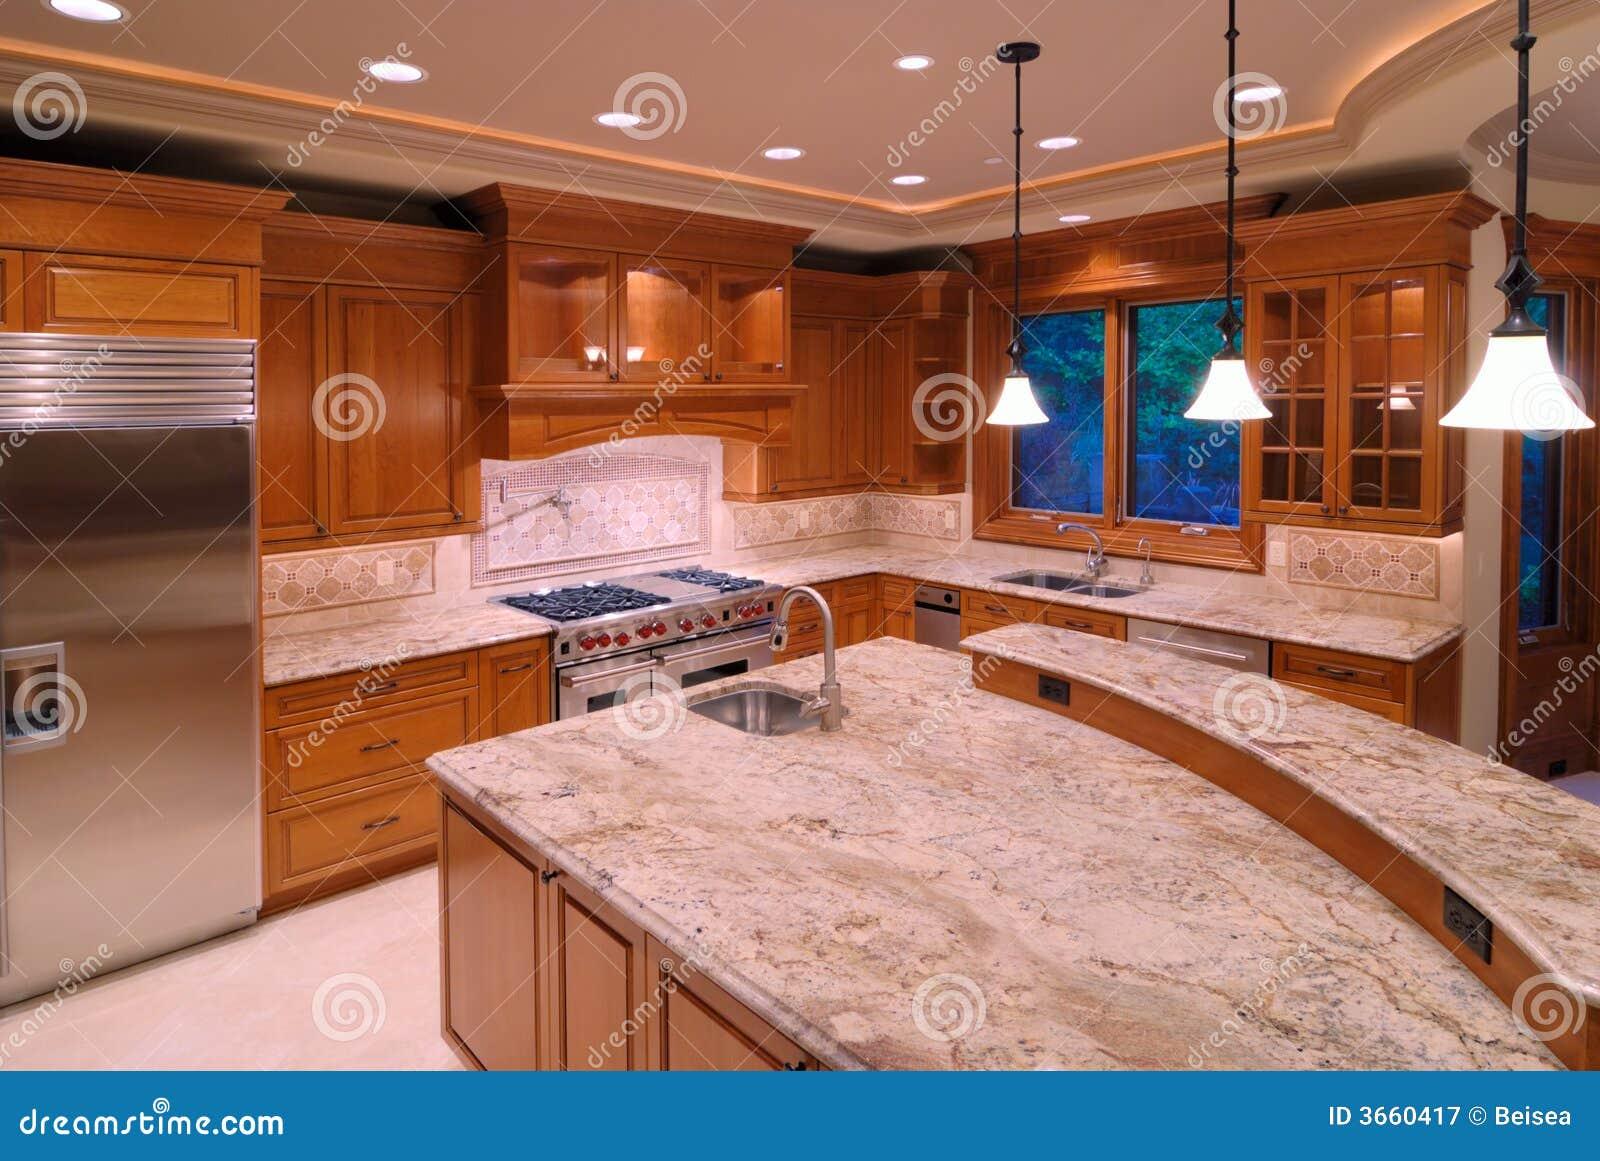 Amerikanische Küchen